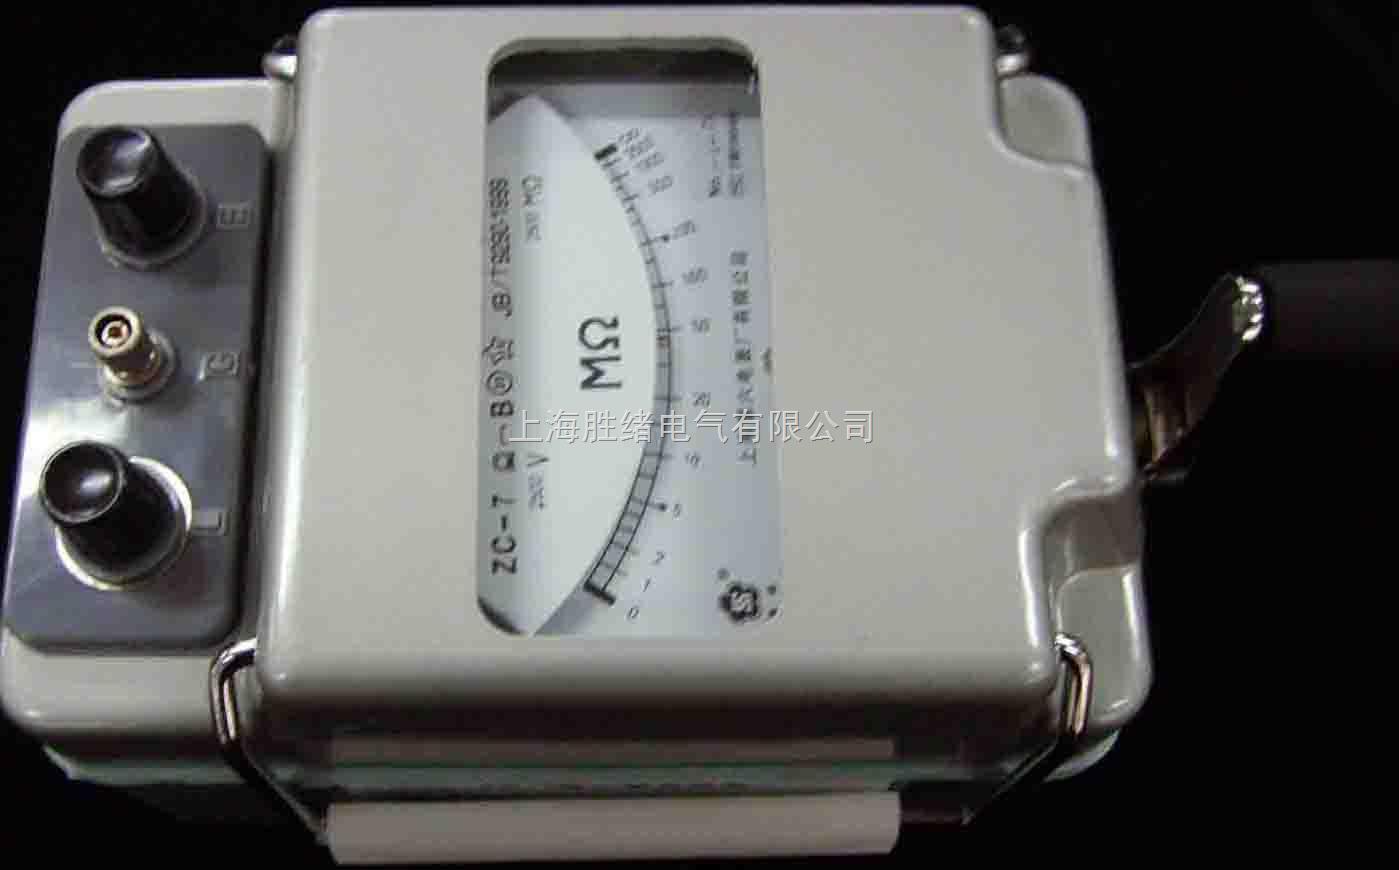 zc8接地电阻测试仪_电子电工仪器 电子仪表 其它 上海胜绪电气有限公司 接地电阻测试仪 >